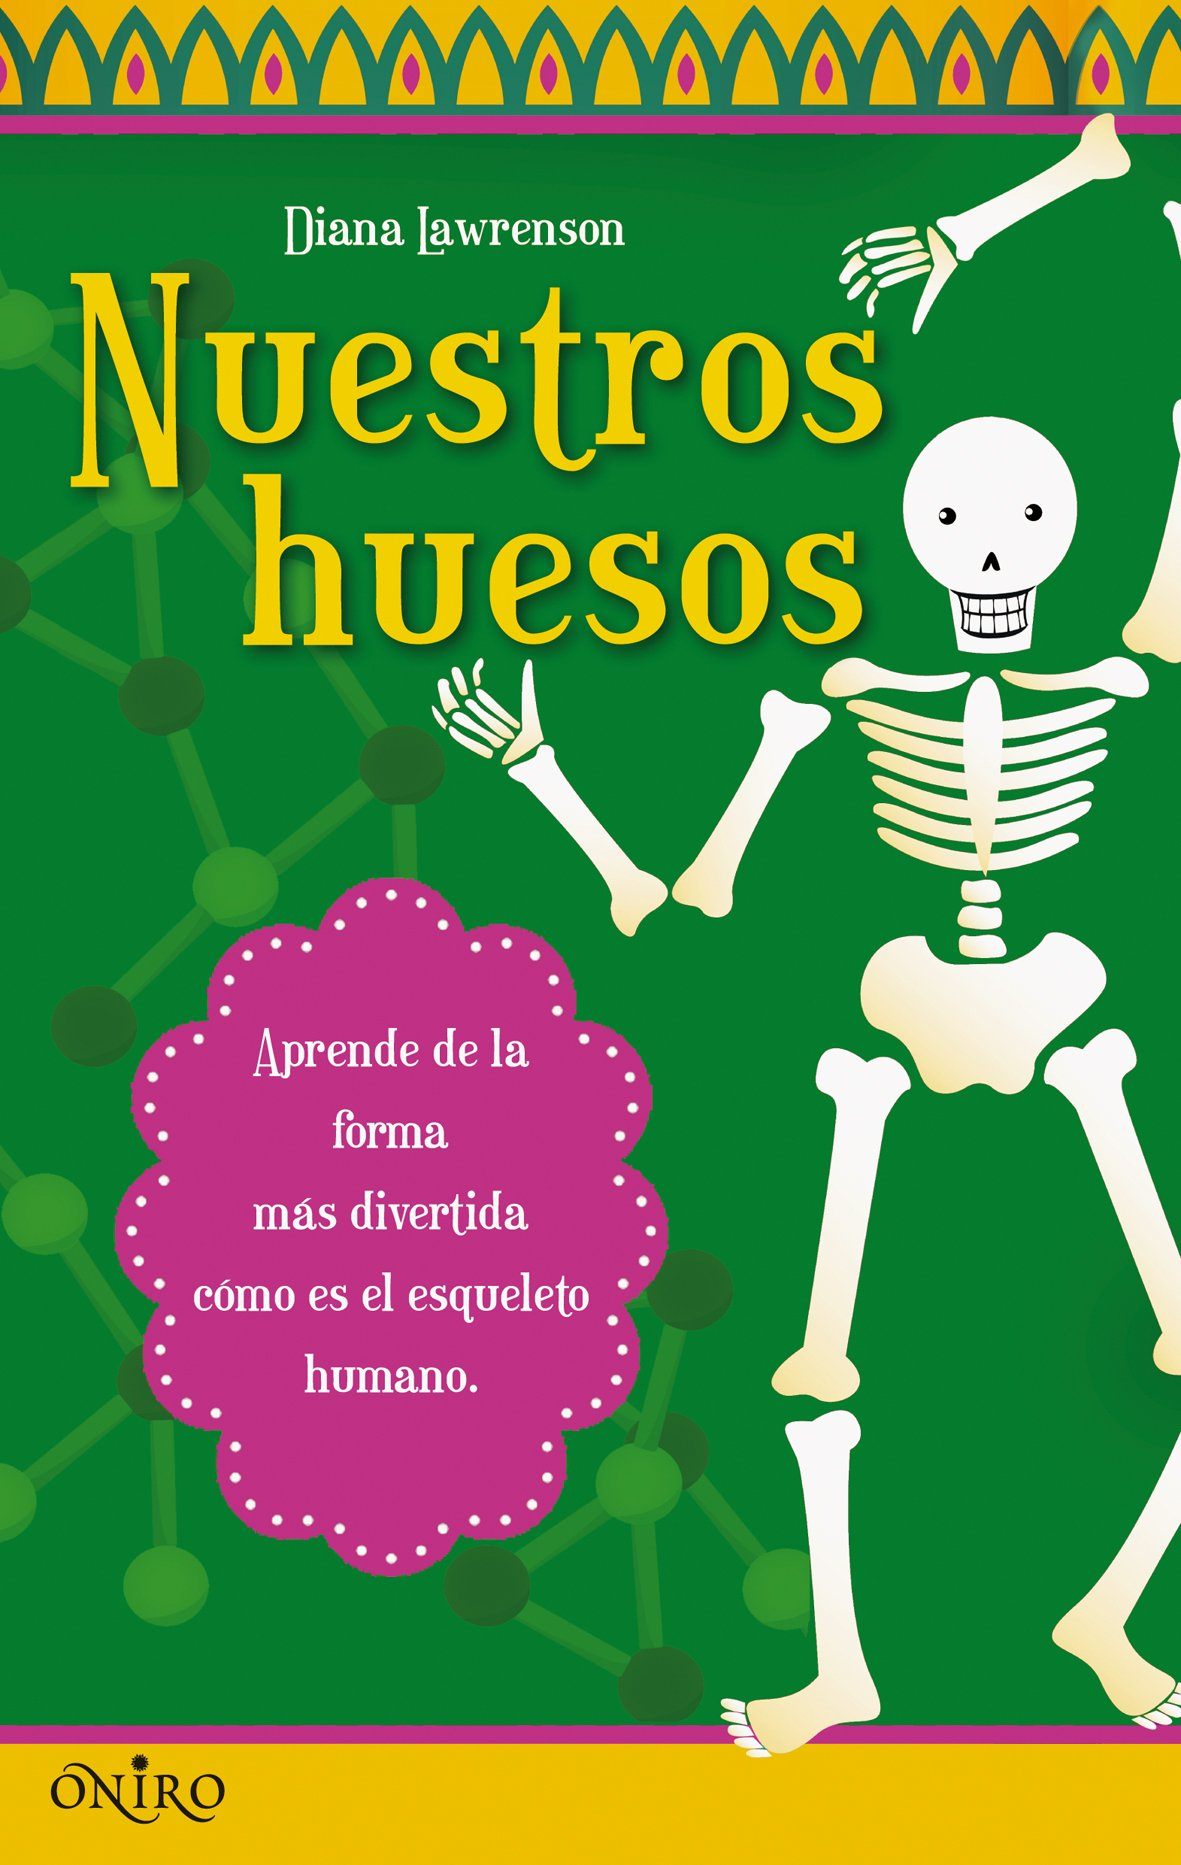 Nuestros huesos: Aprende de la forma más divertida cómo es el esqueleto humano ONIRO - EL JUEGO DE LA CIENCIA: Amazon.es: Diana Lawrenson, Óscar Díaz Reyes: ...